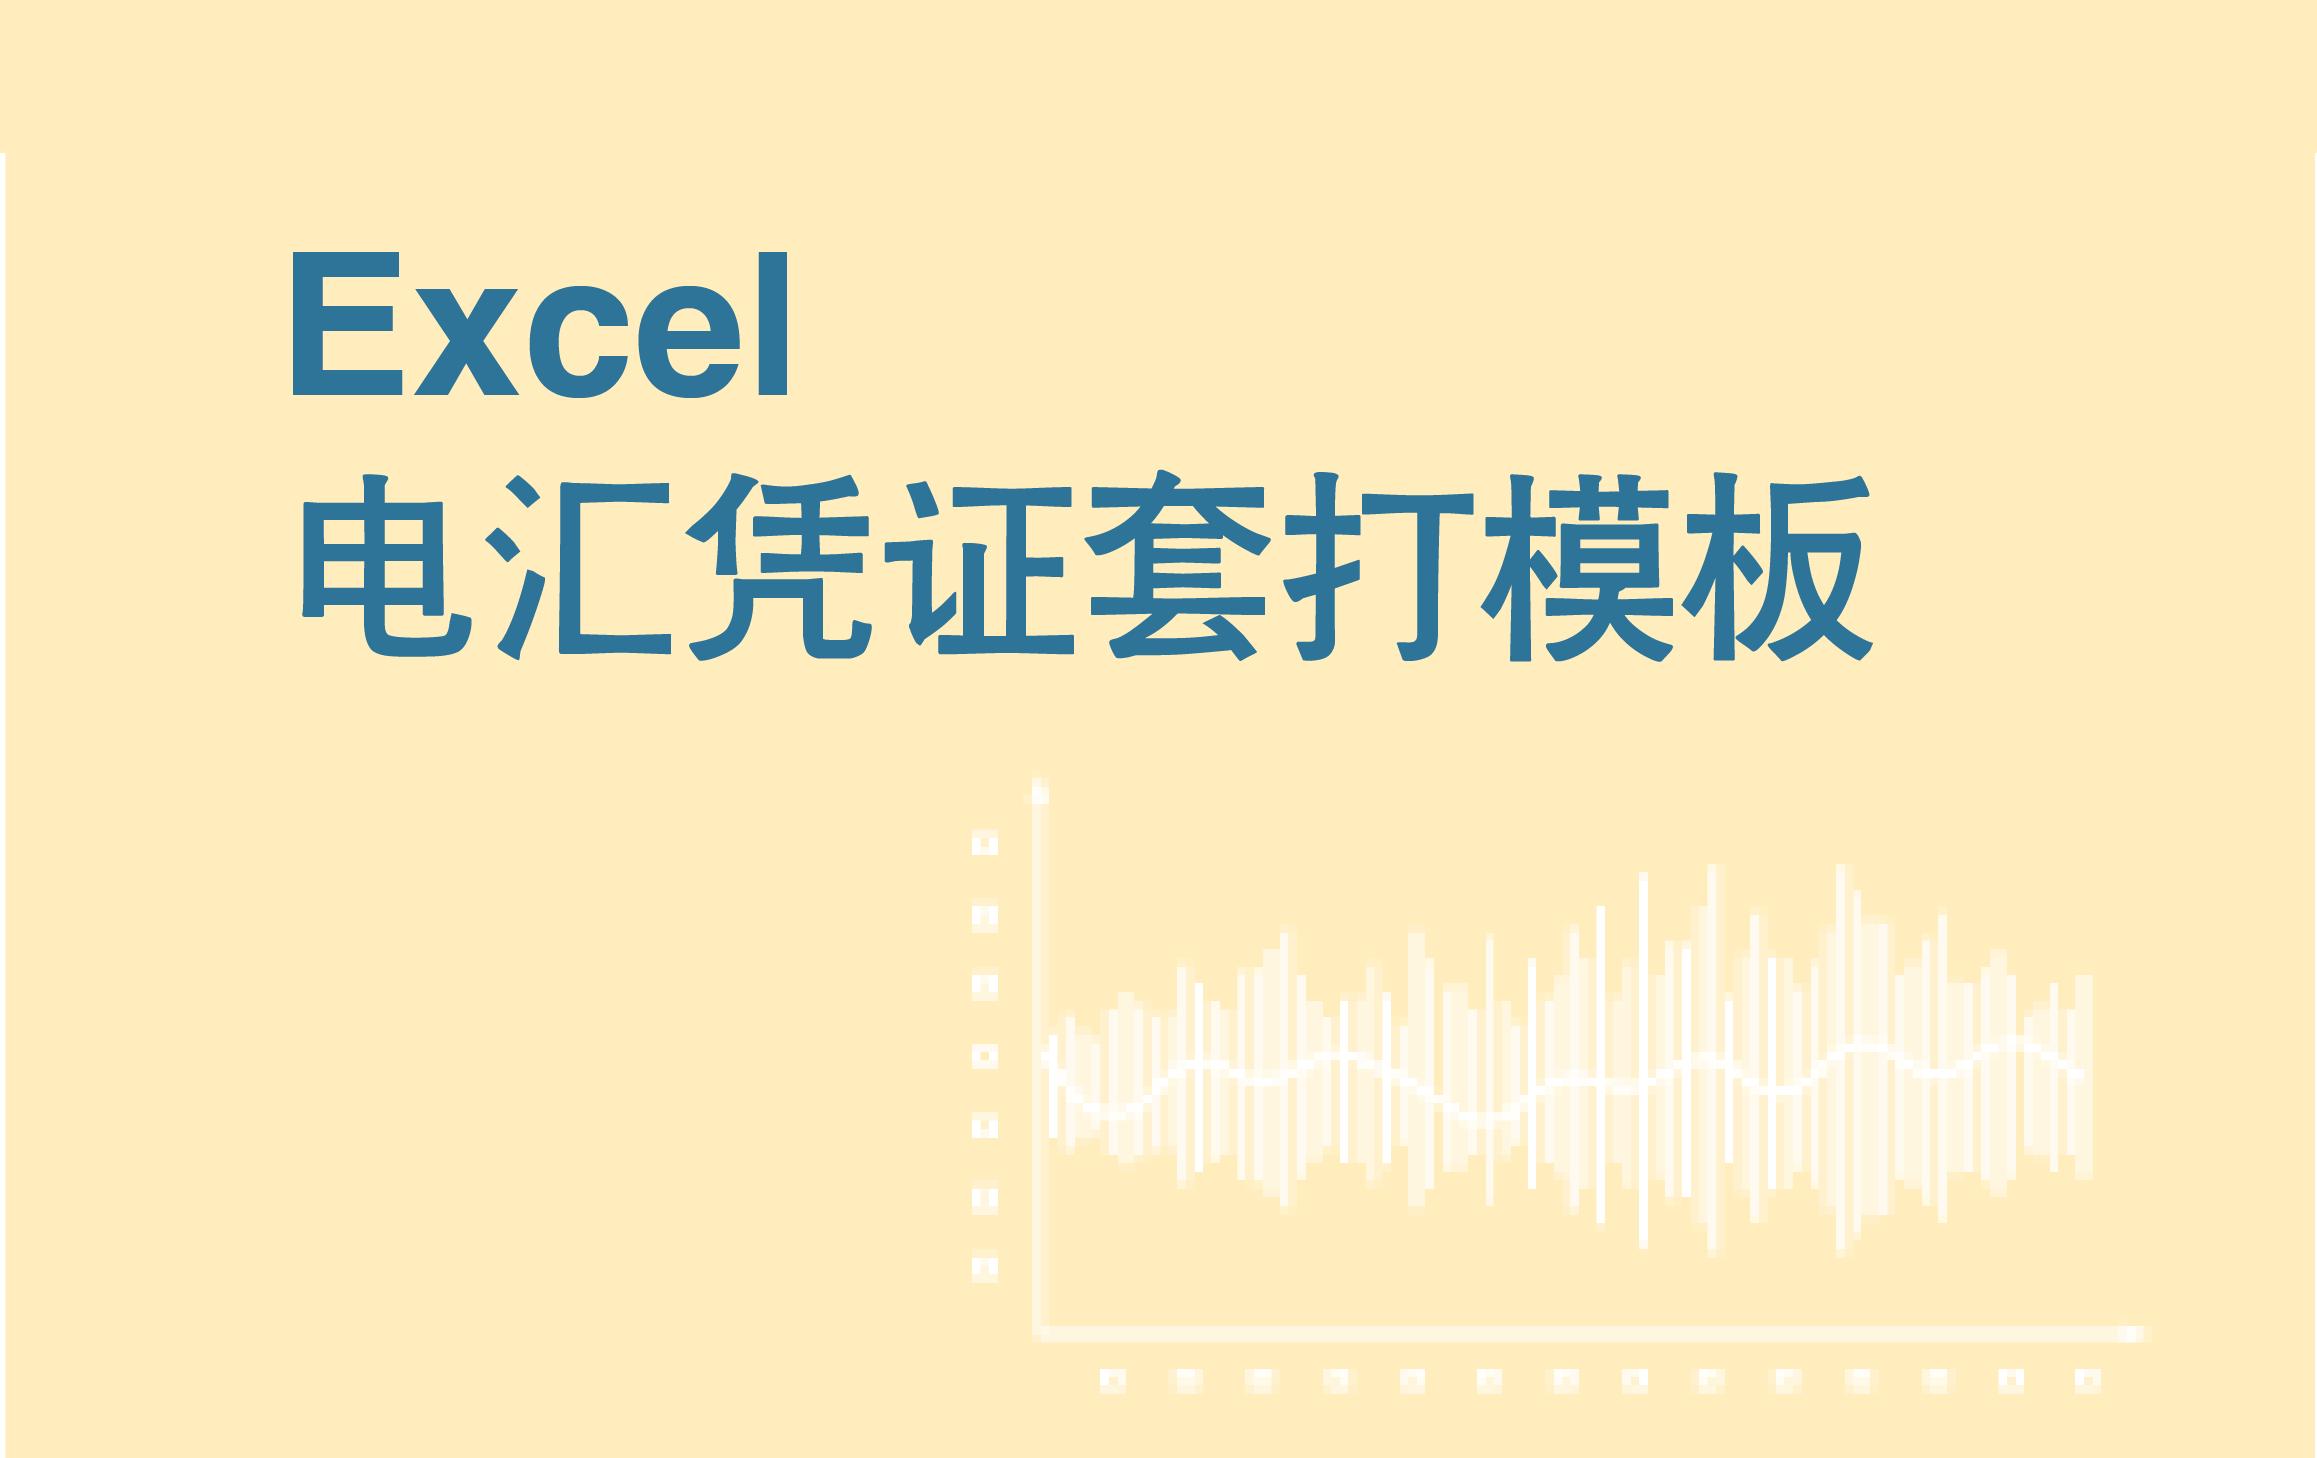 玩轉Excel,制作實用電匯憑證套打模版